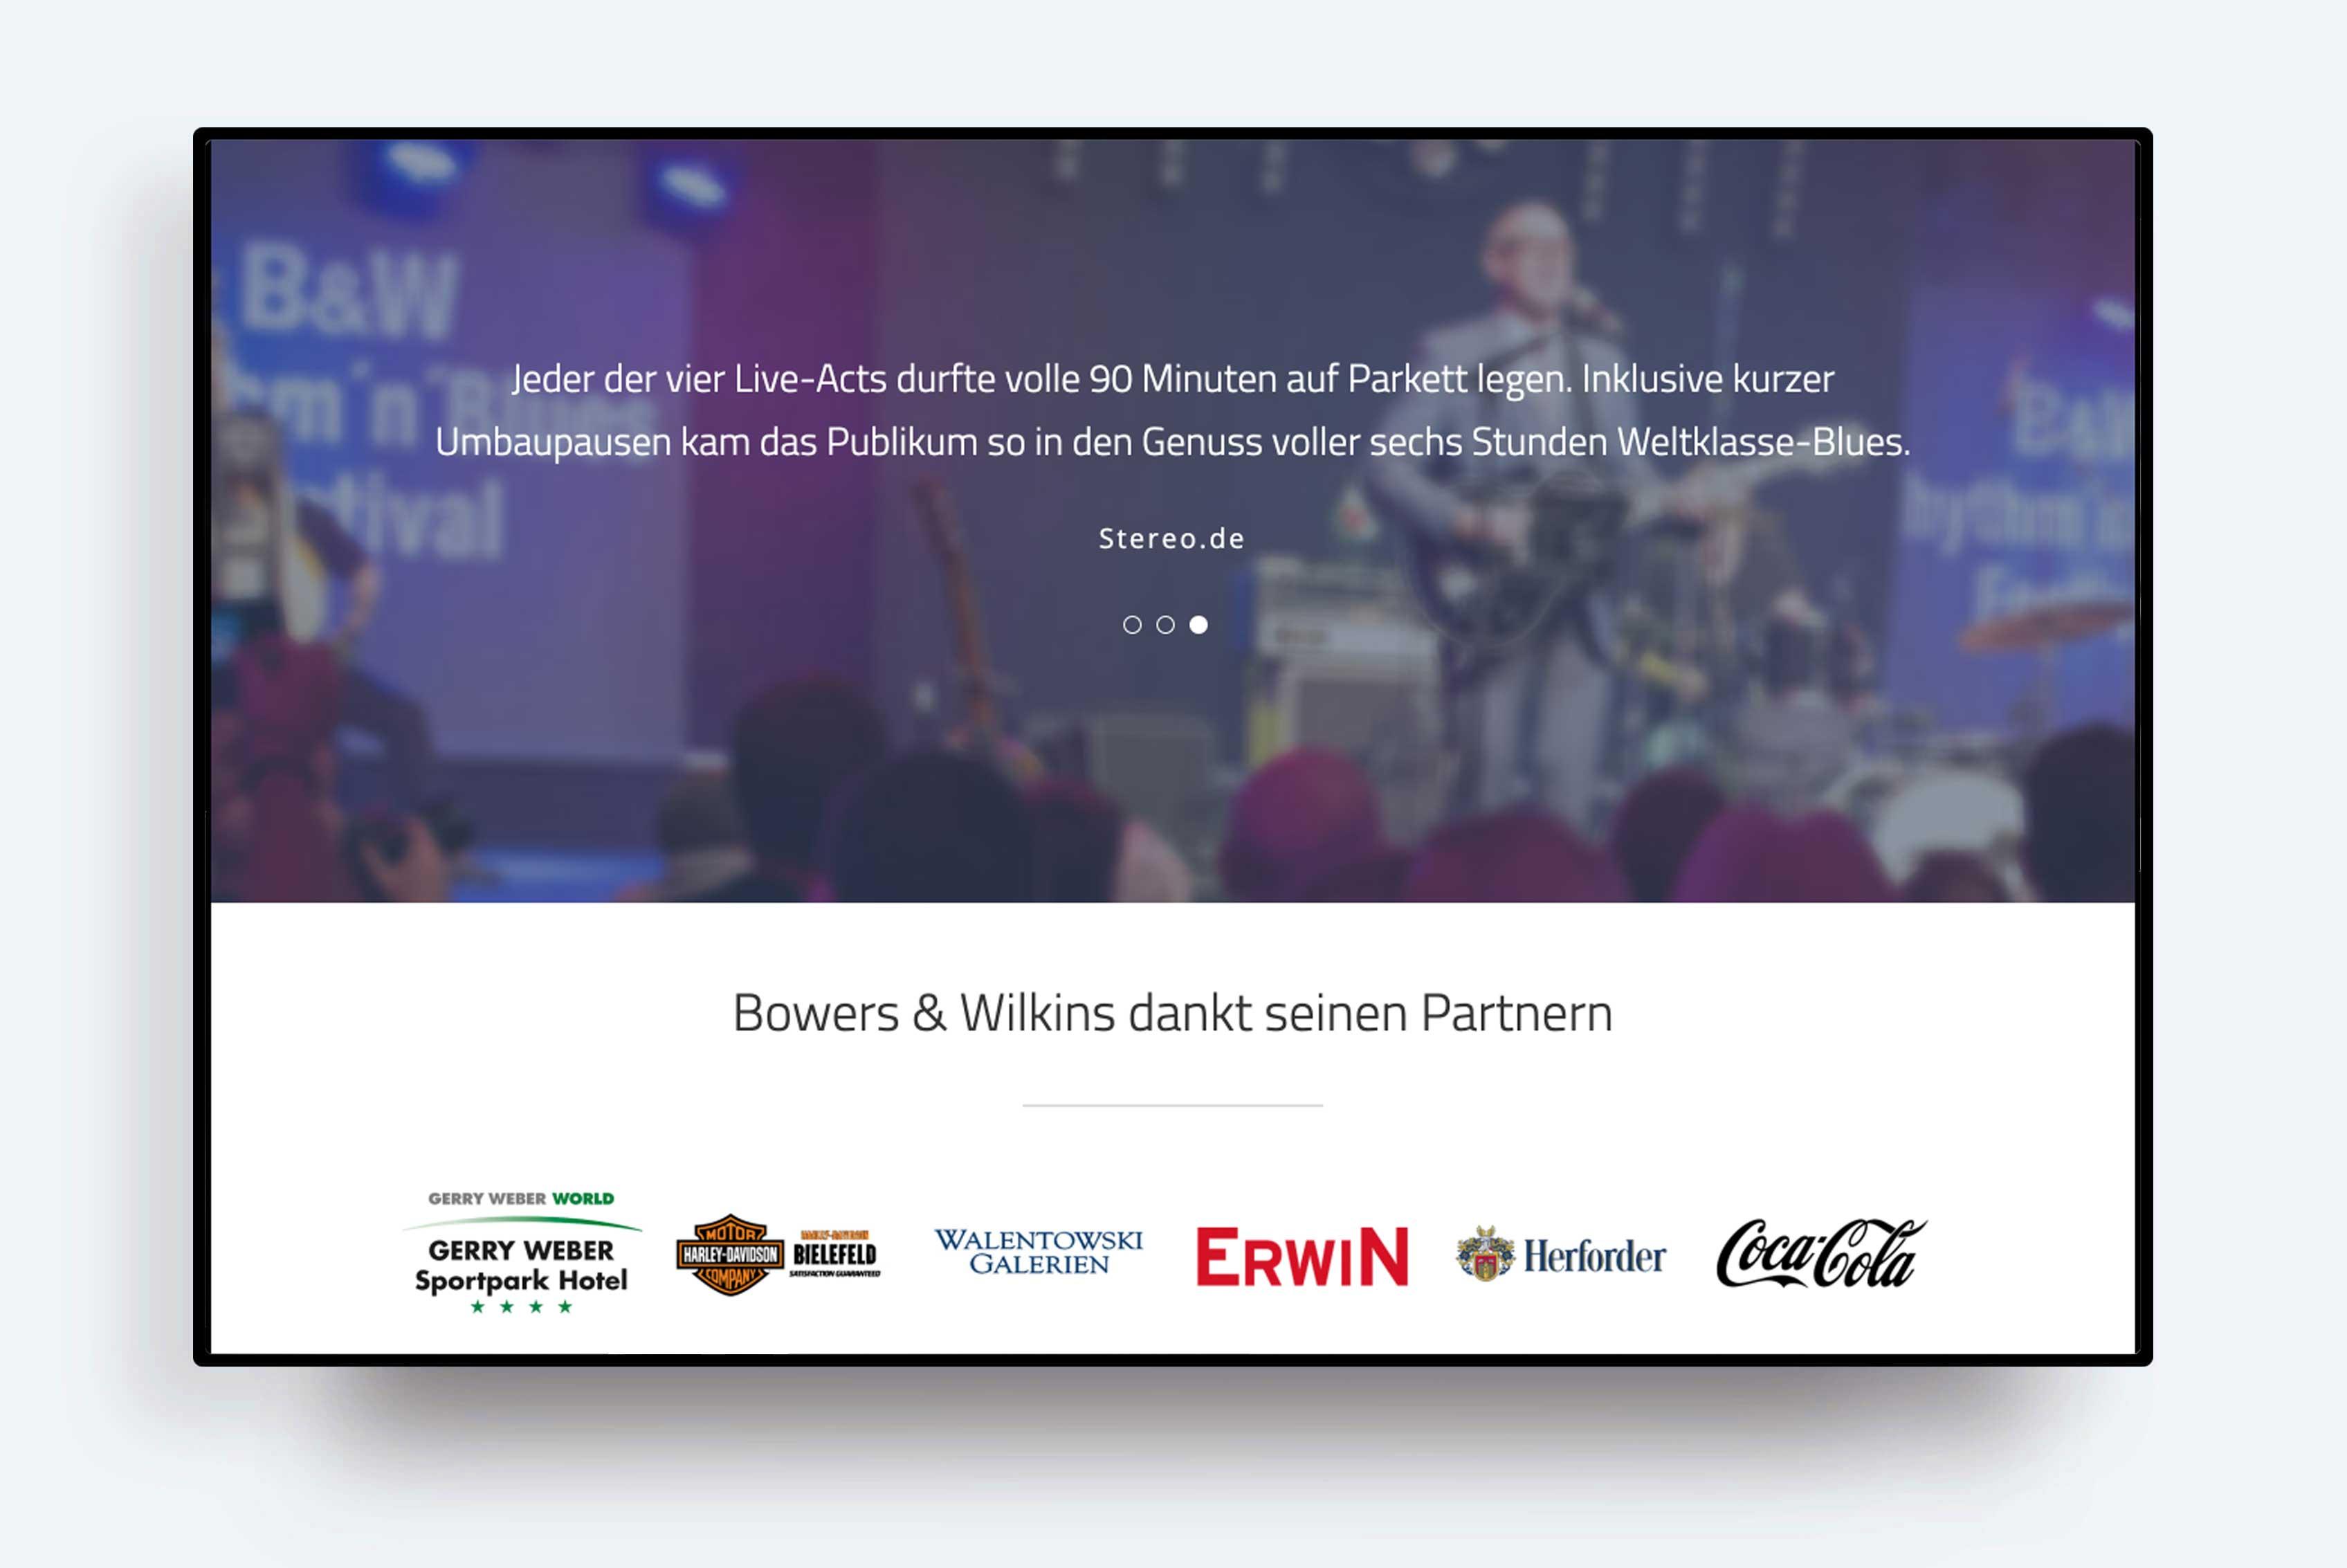 Bowers & Wilkins Rhythm'n'Blues Festivals